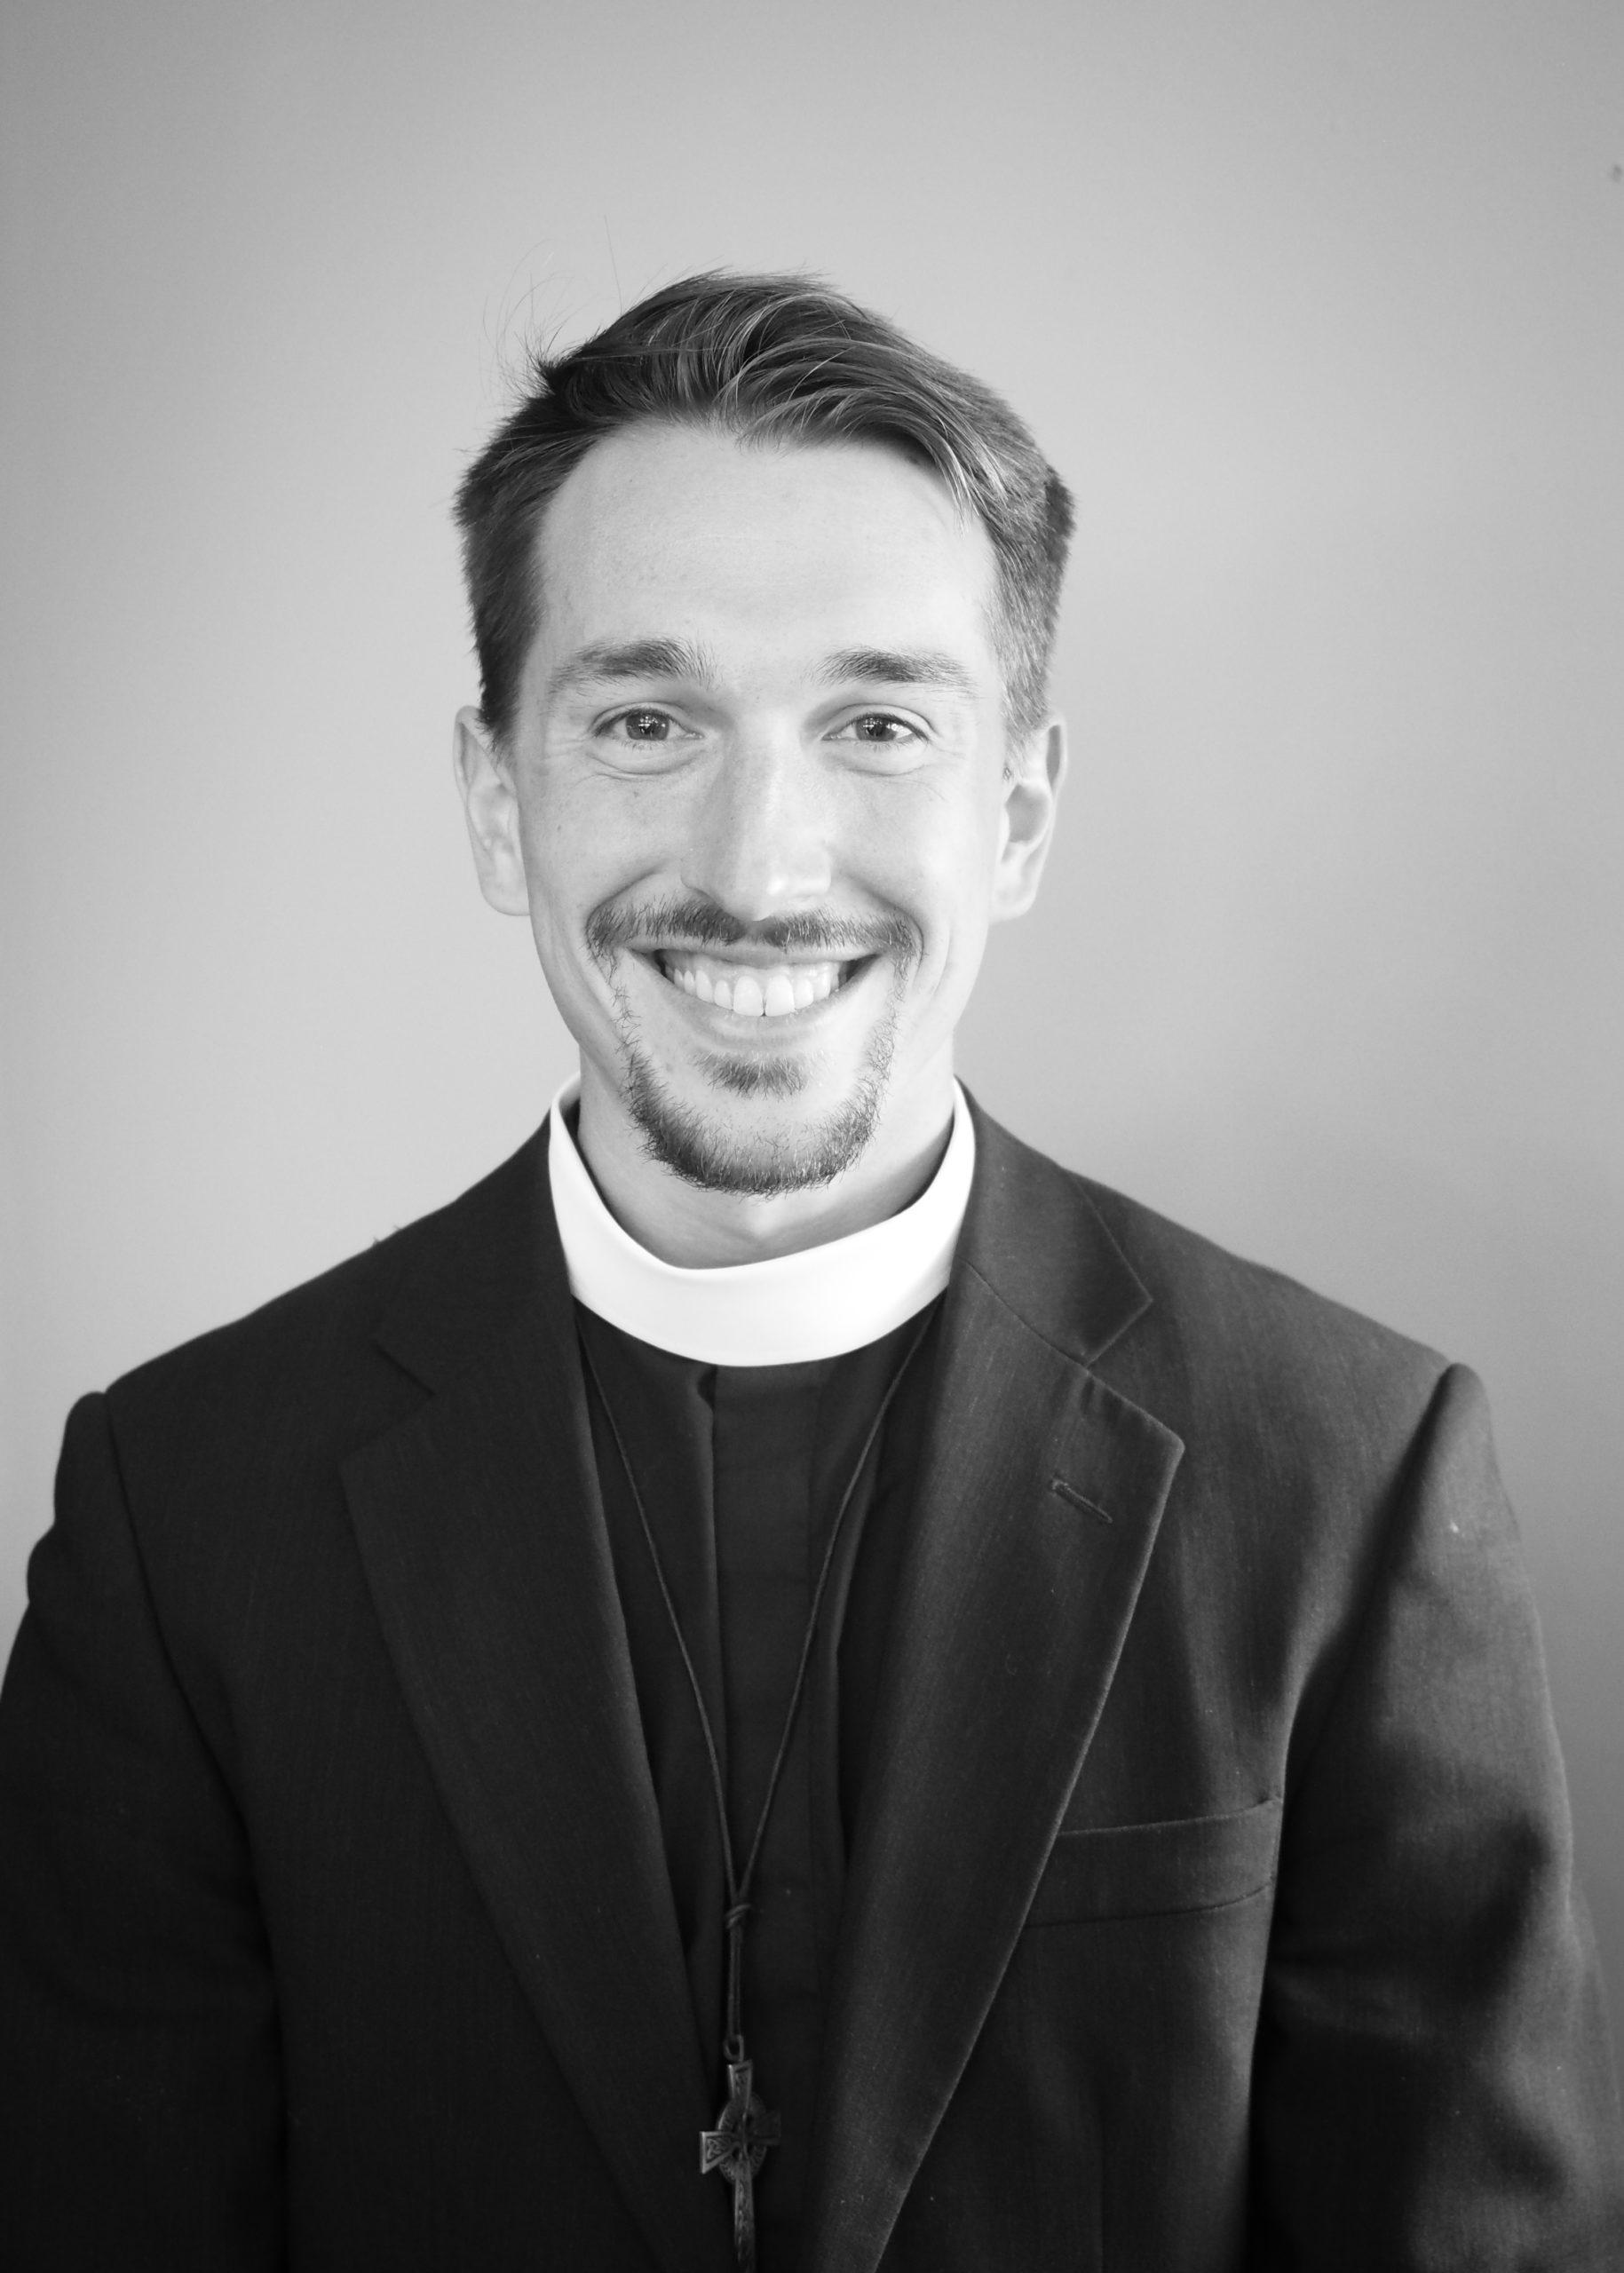 Fr. John Bacon